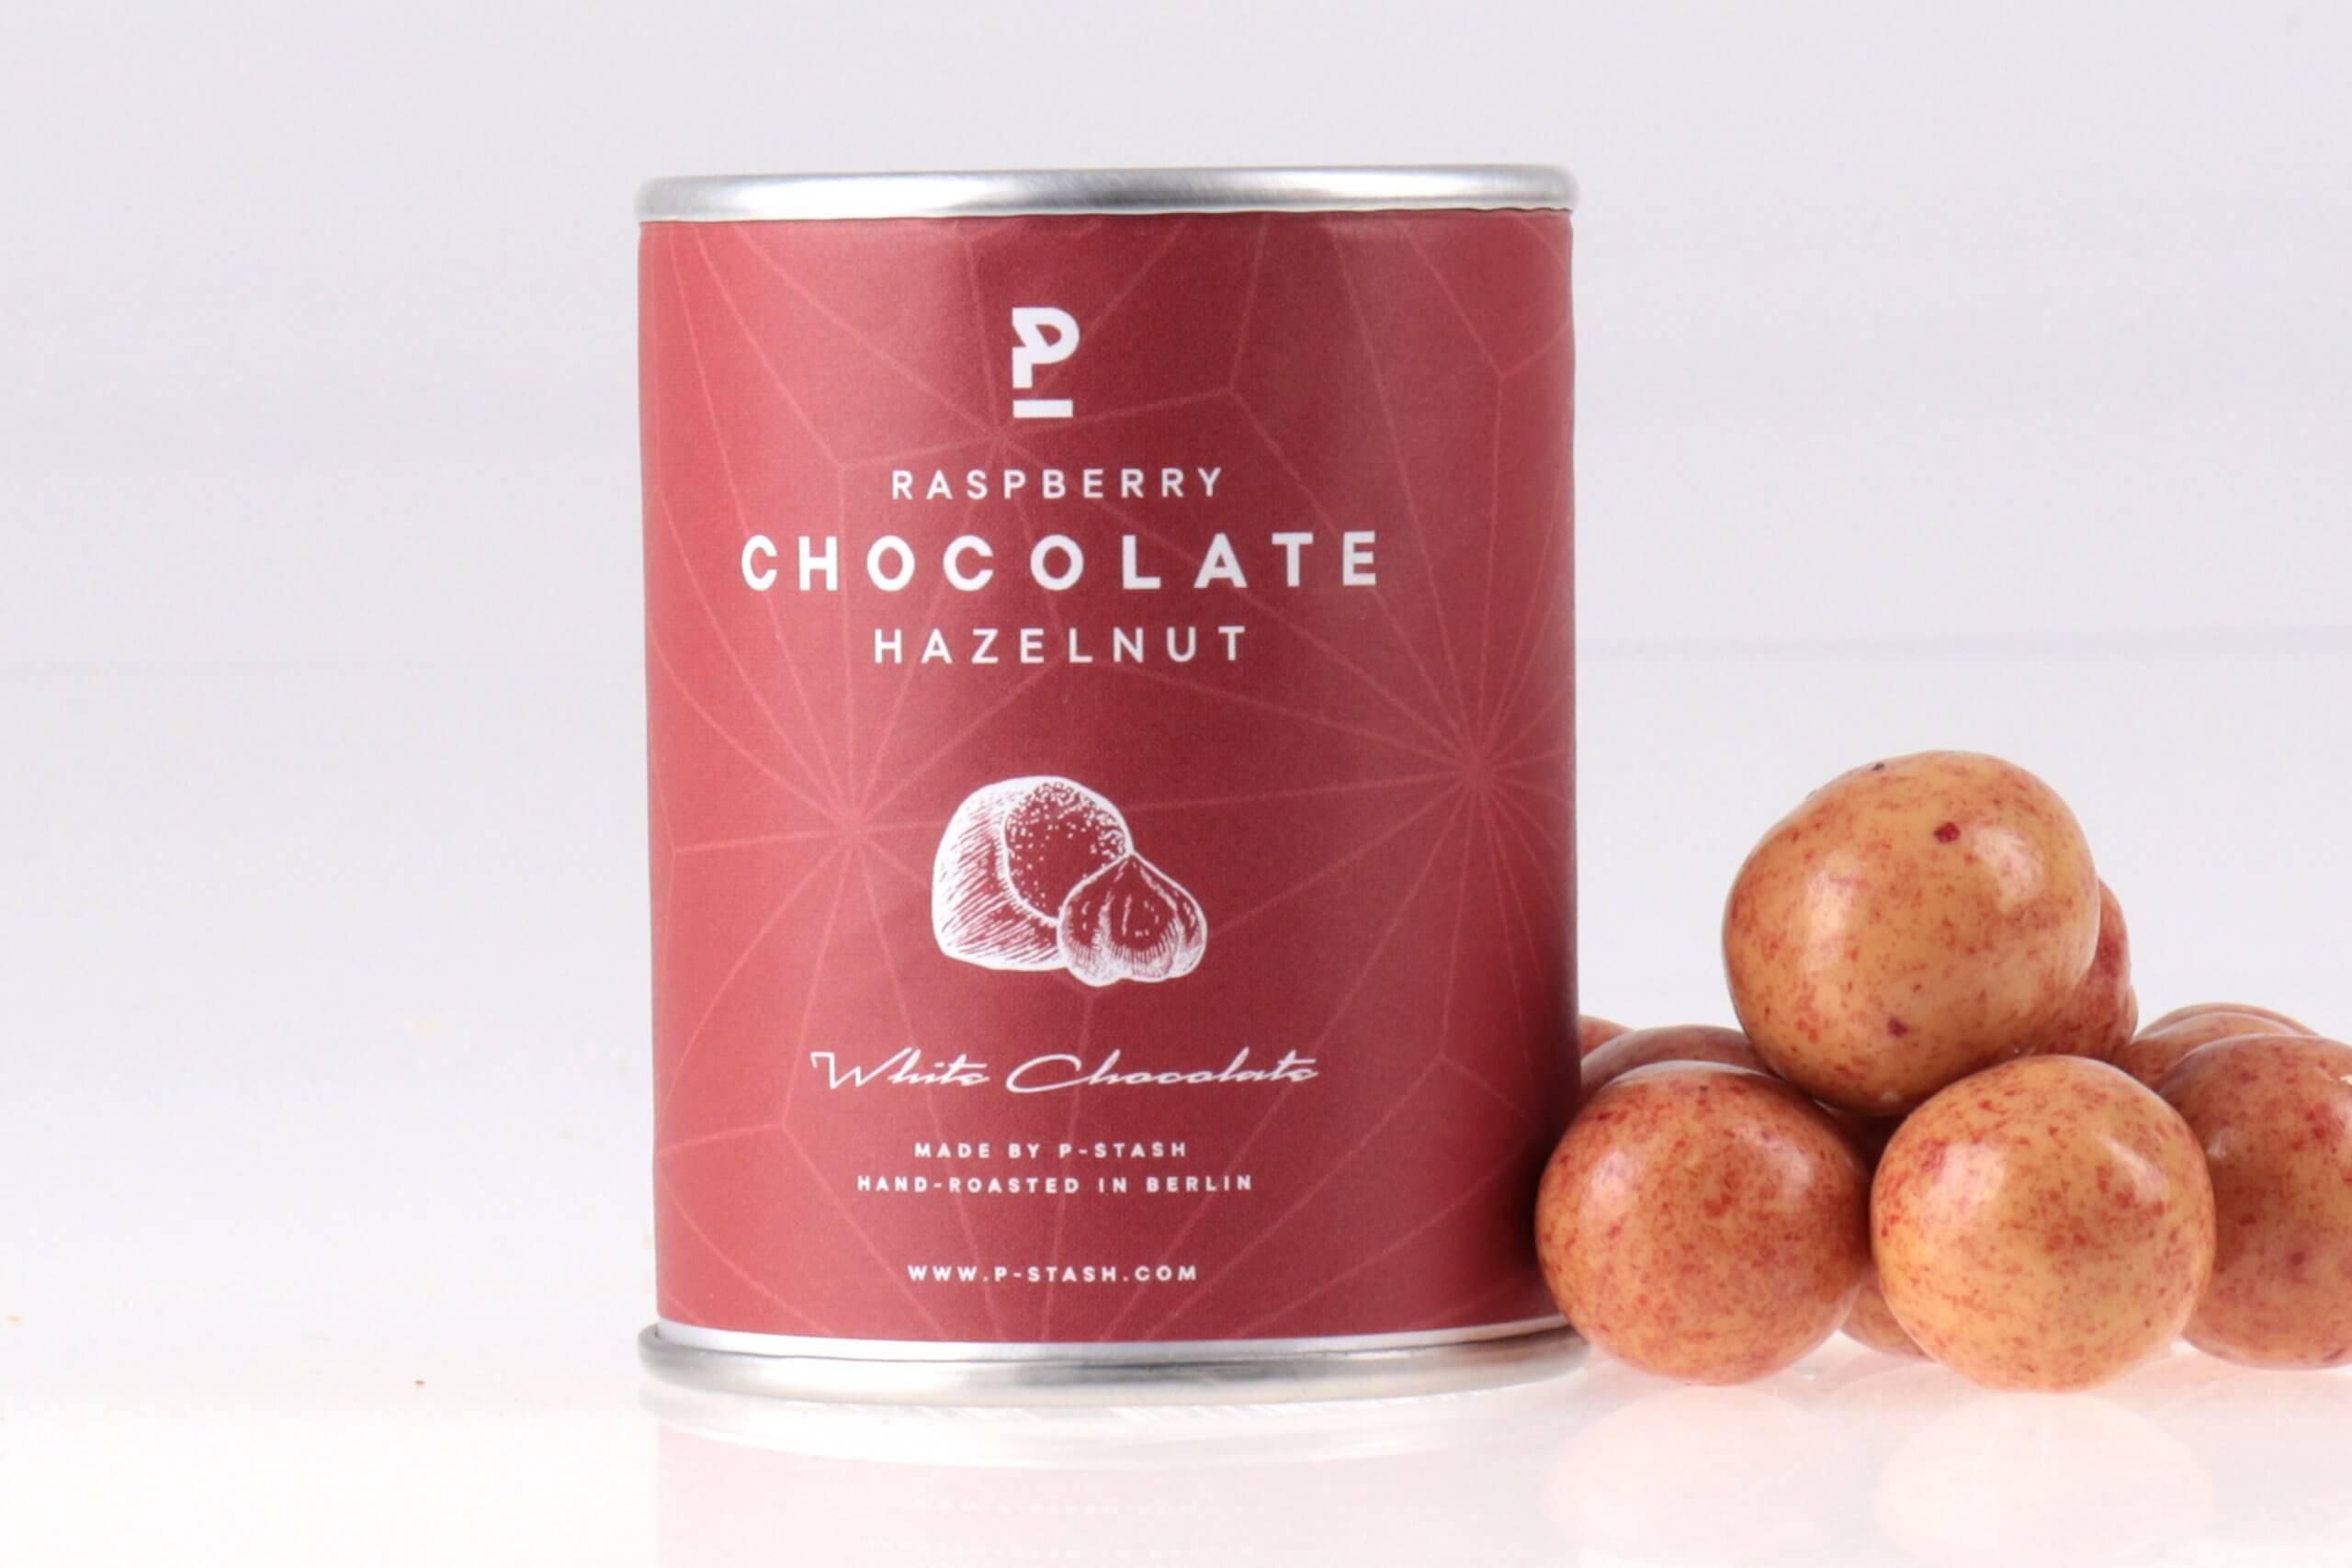 Haselnuss mit Karamell Schokolade von feinjemacht online kaufen